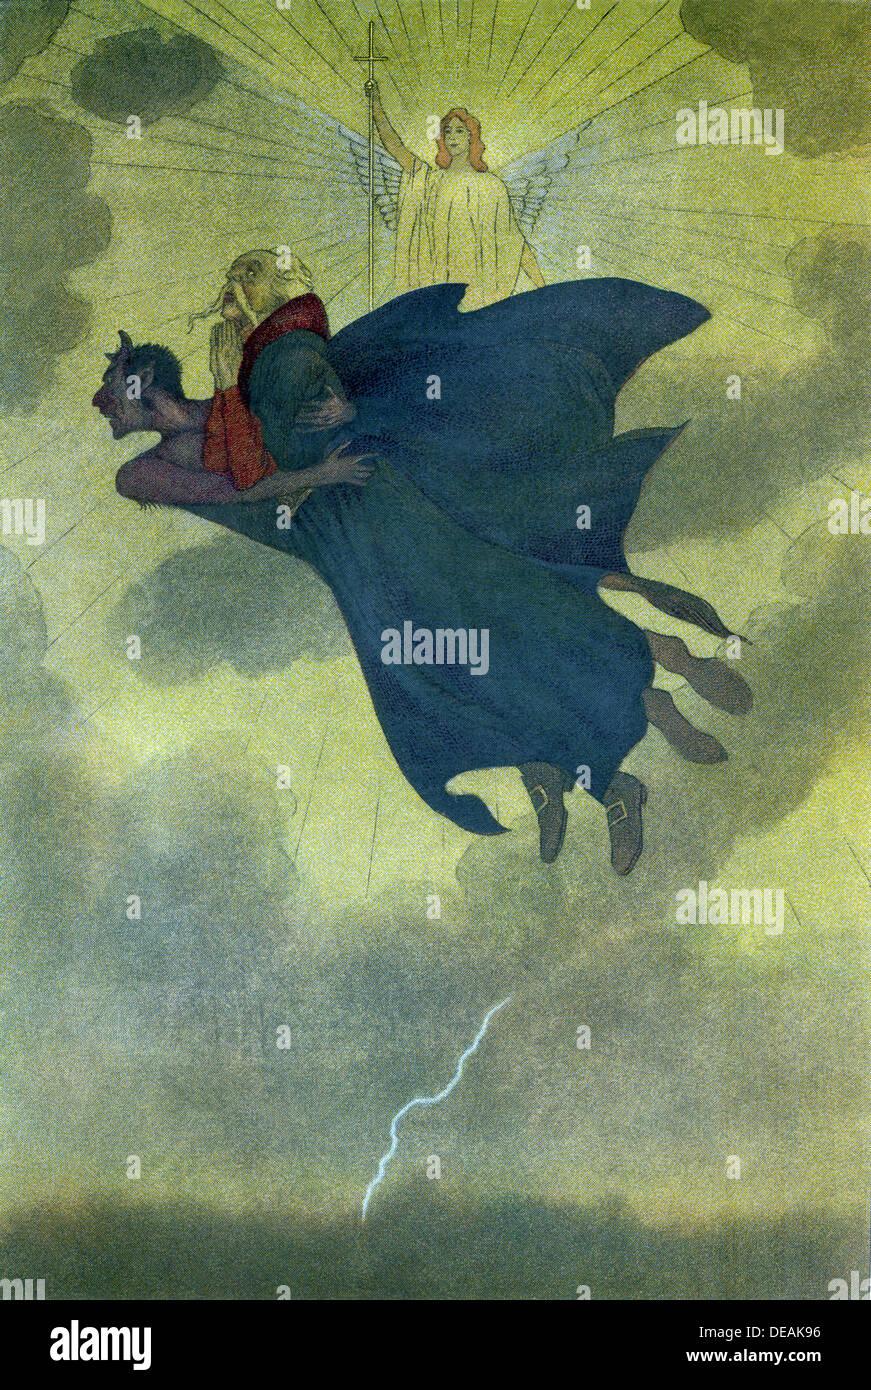 """Twardowski, il Polacco Faust, è qui mostrato nelle braccia del diavolo o """"maligno"""", mentre un angelo guardato dal di sopra. Immagini Stock"""